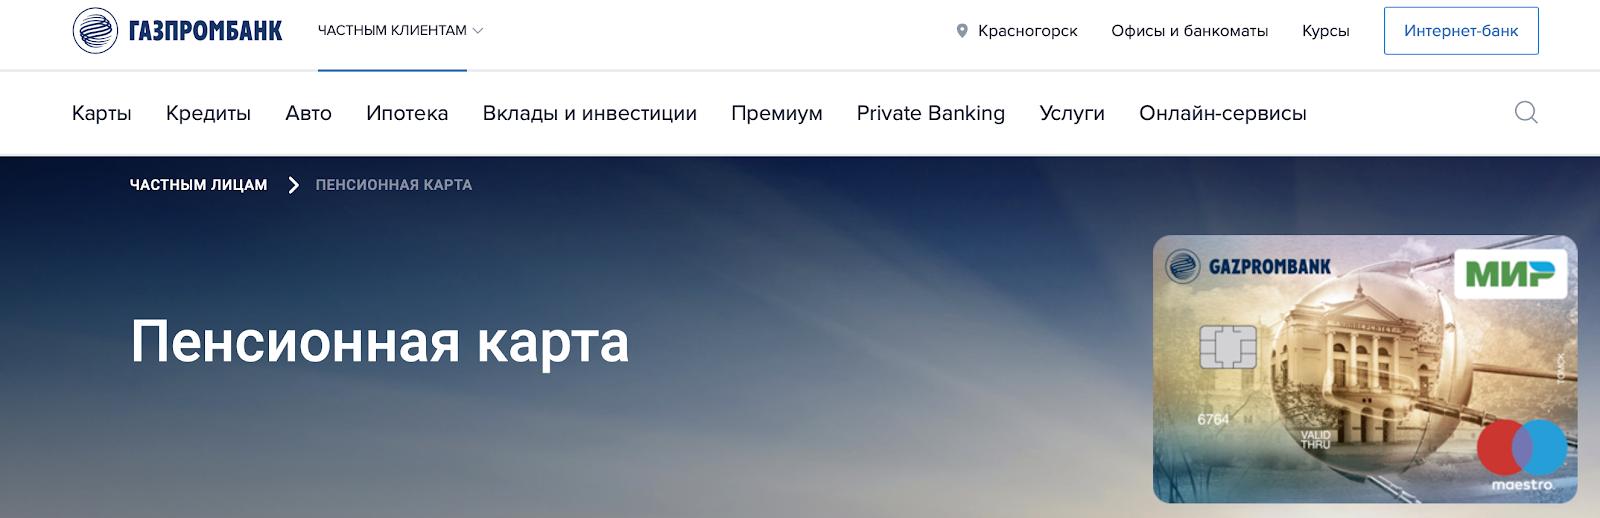 Сайт Газпромбанка